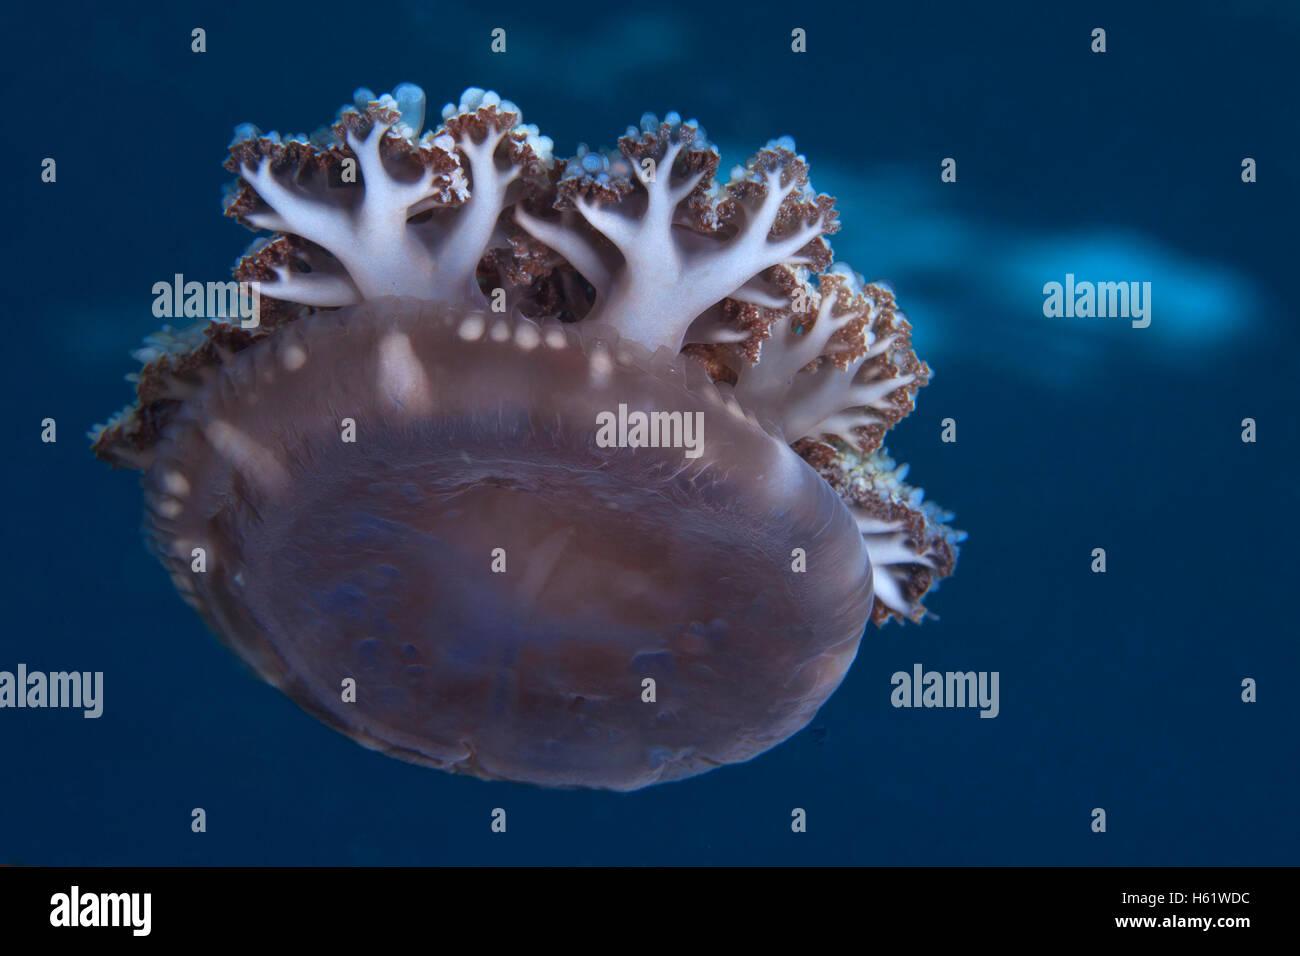 Al revés de las medusas no tiene tentáculos se desplaza con las corrientes oceánicas. Imagen De Stock